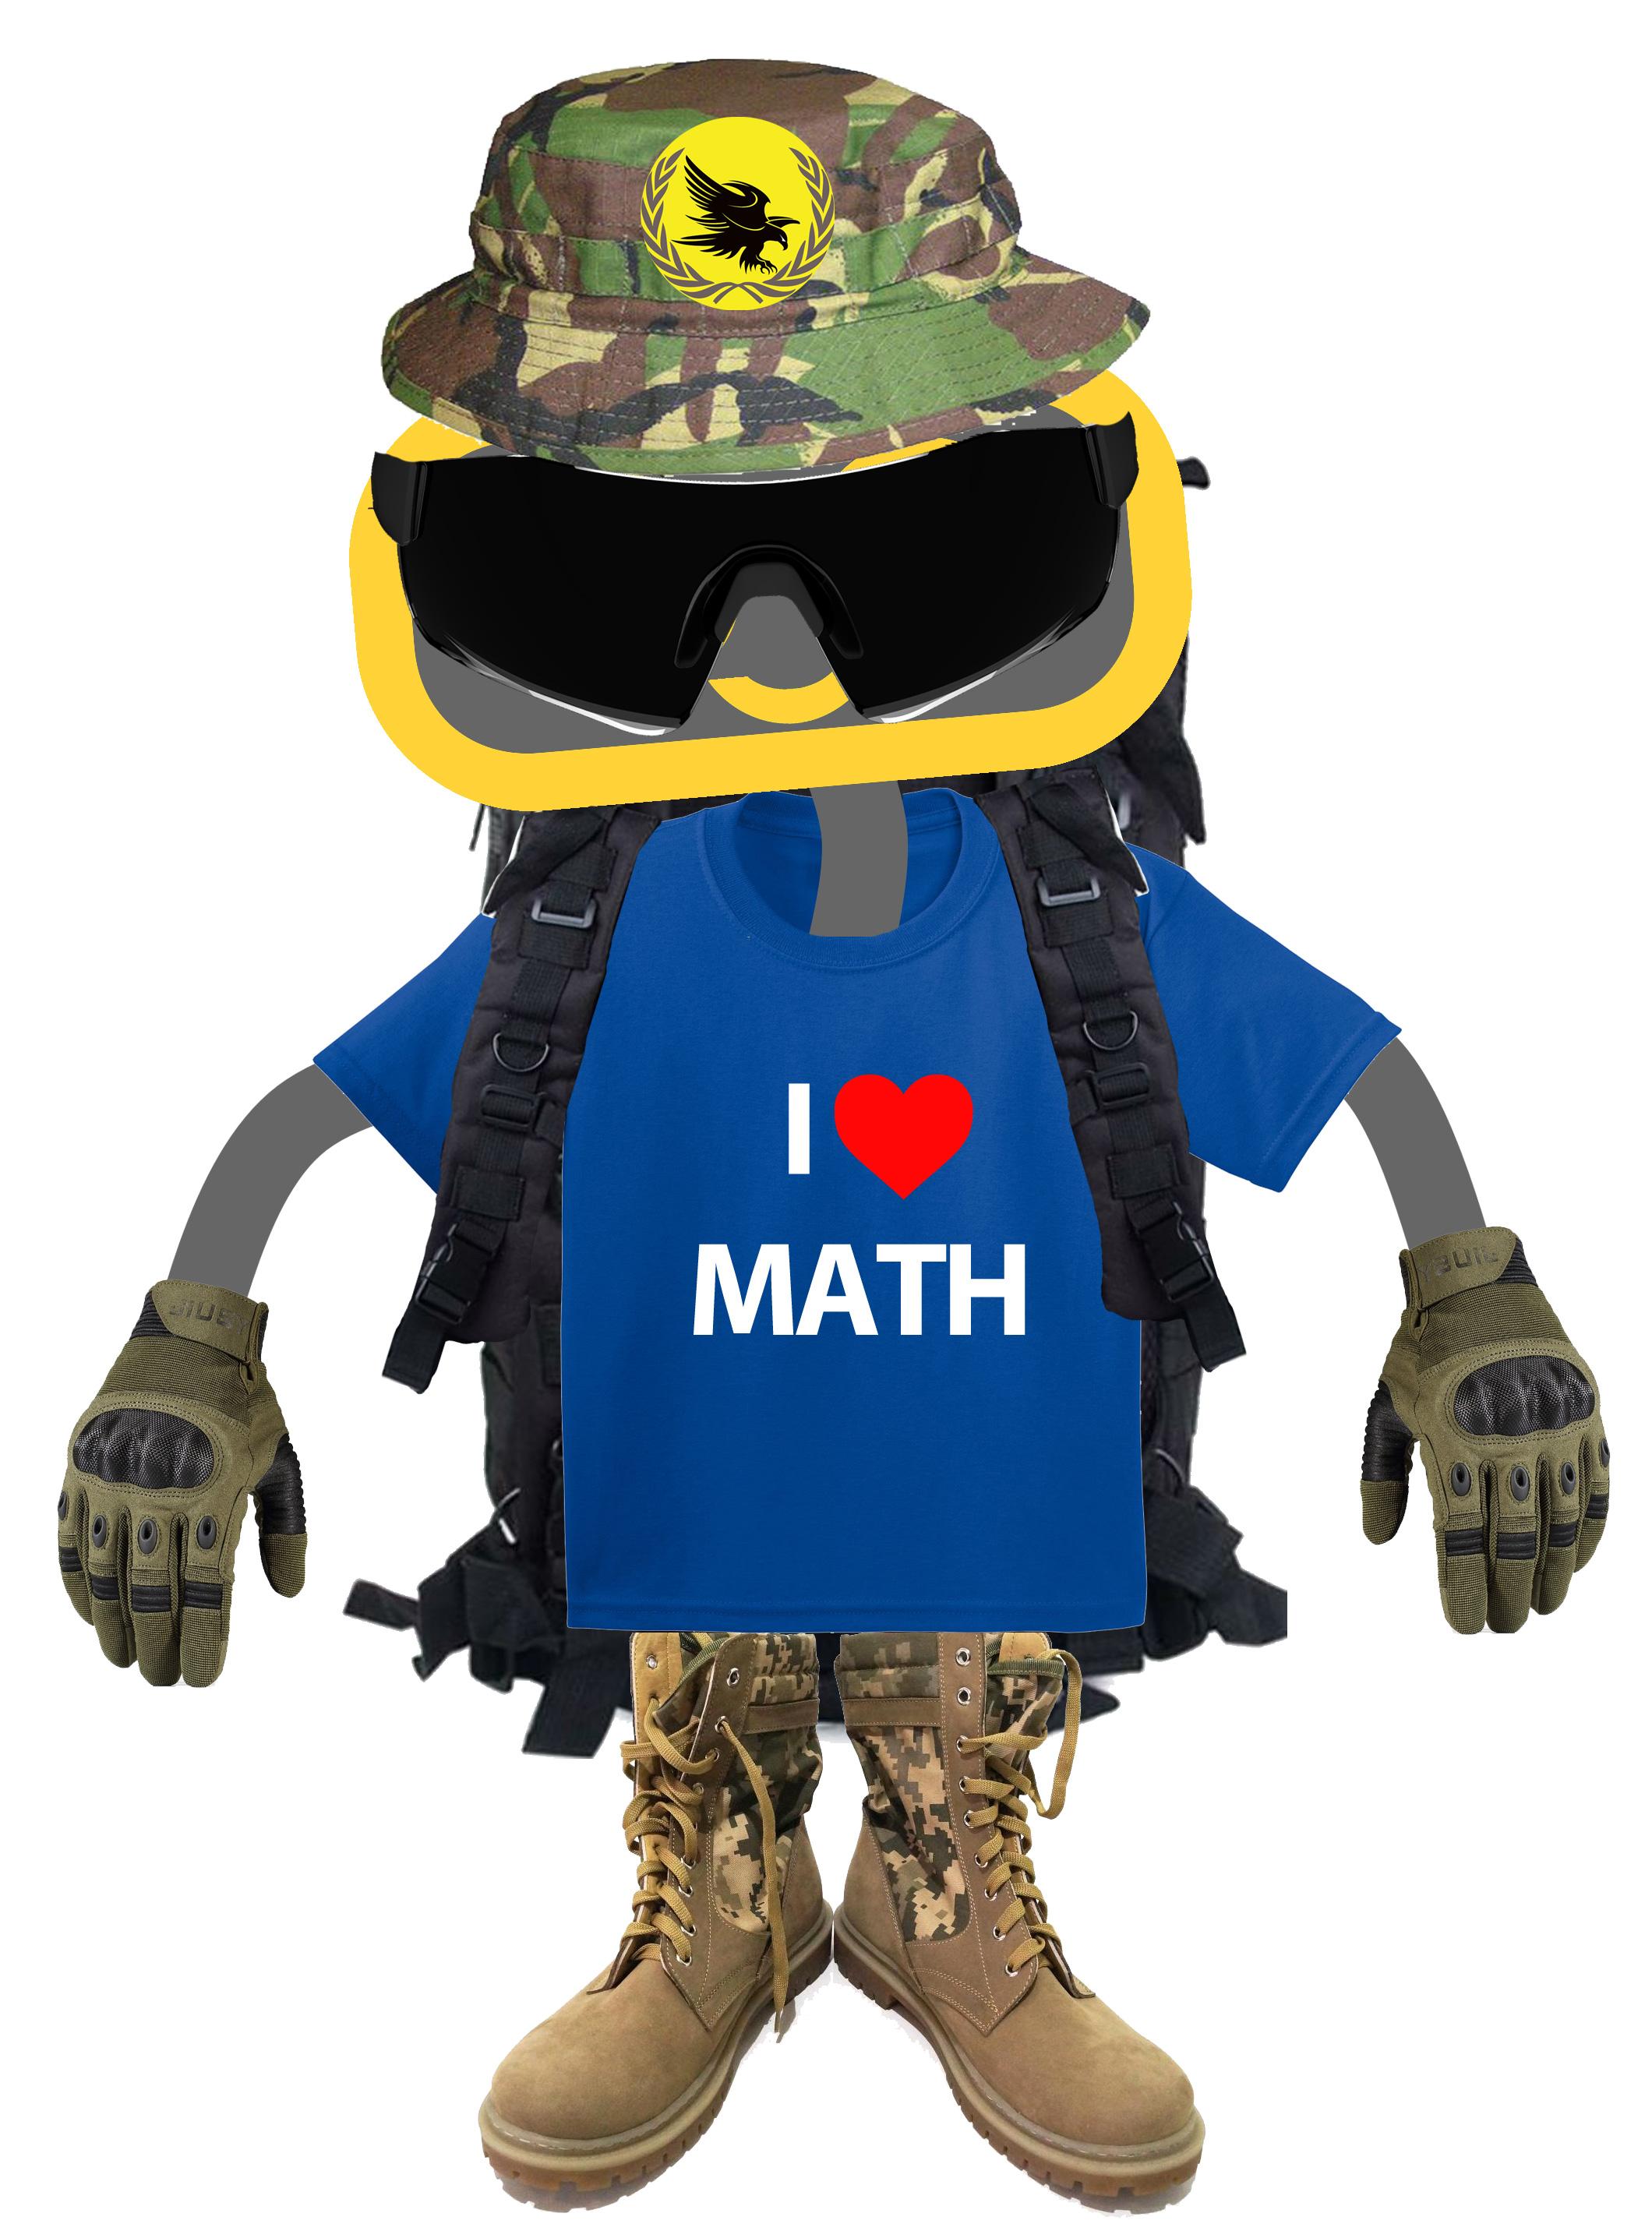 Antrenamentul Forțelor Speciale cod secret FS-IV-001-Matematică